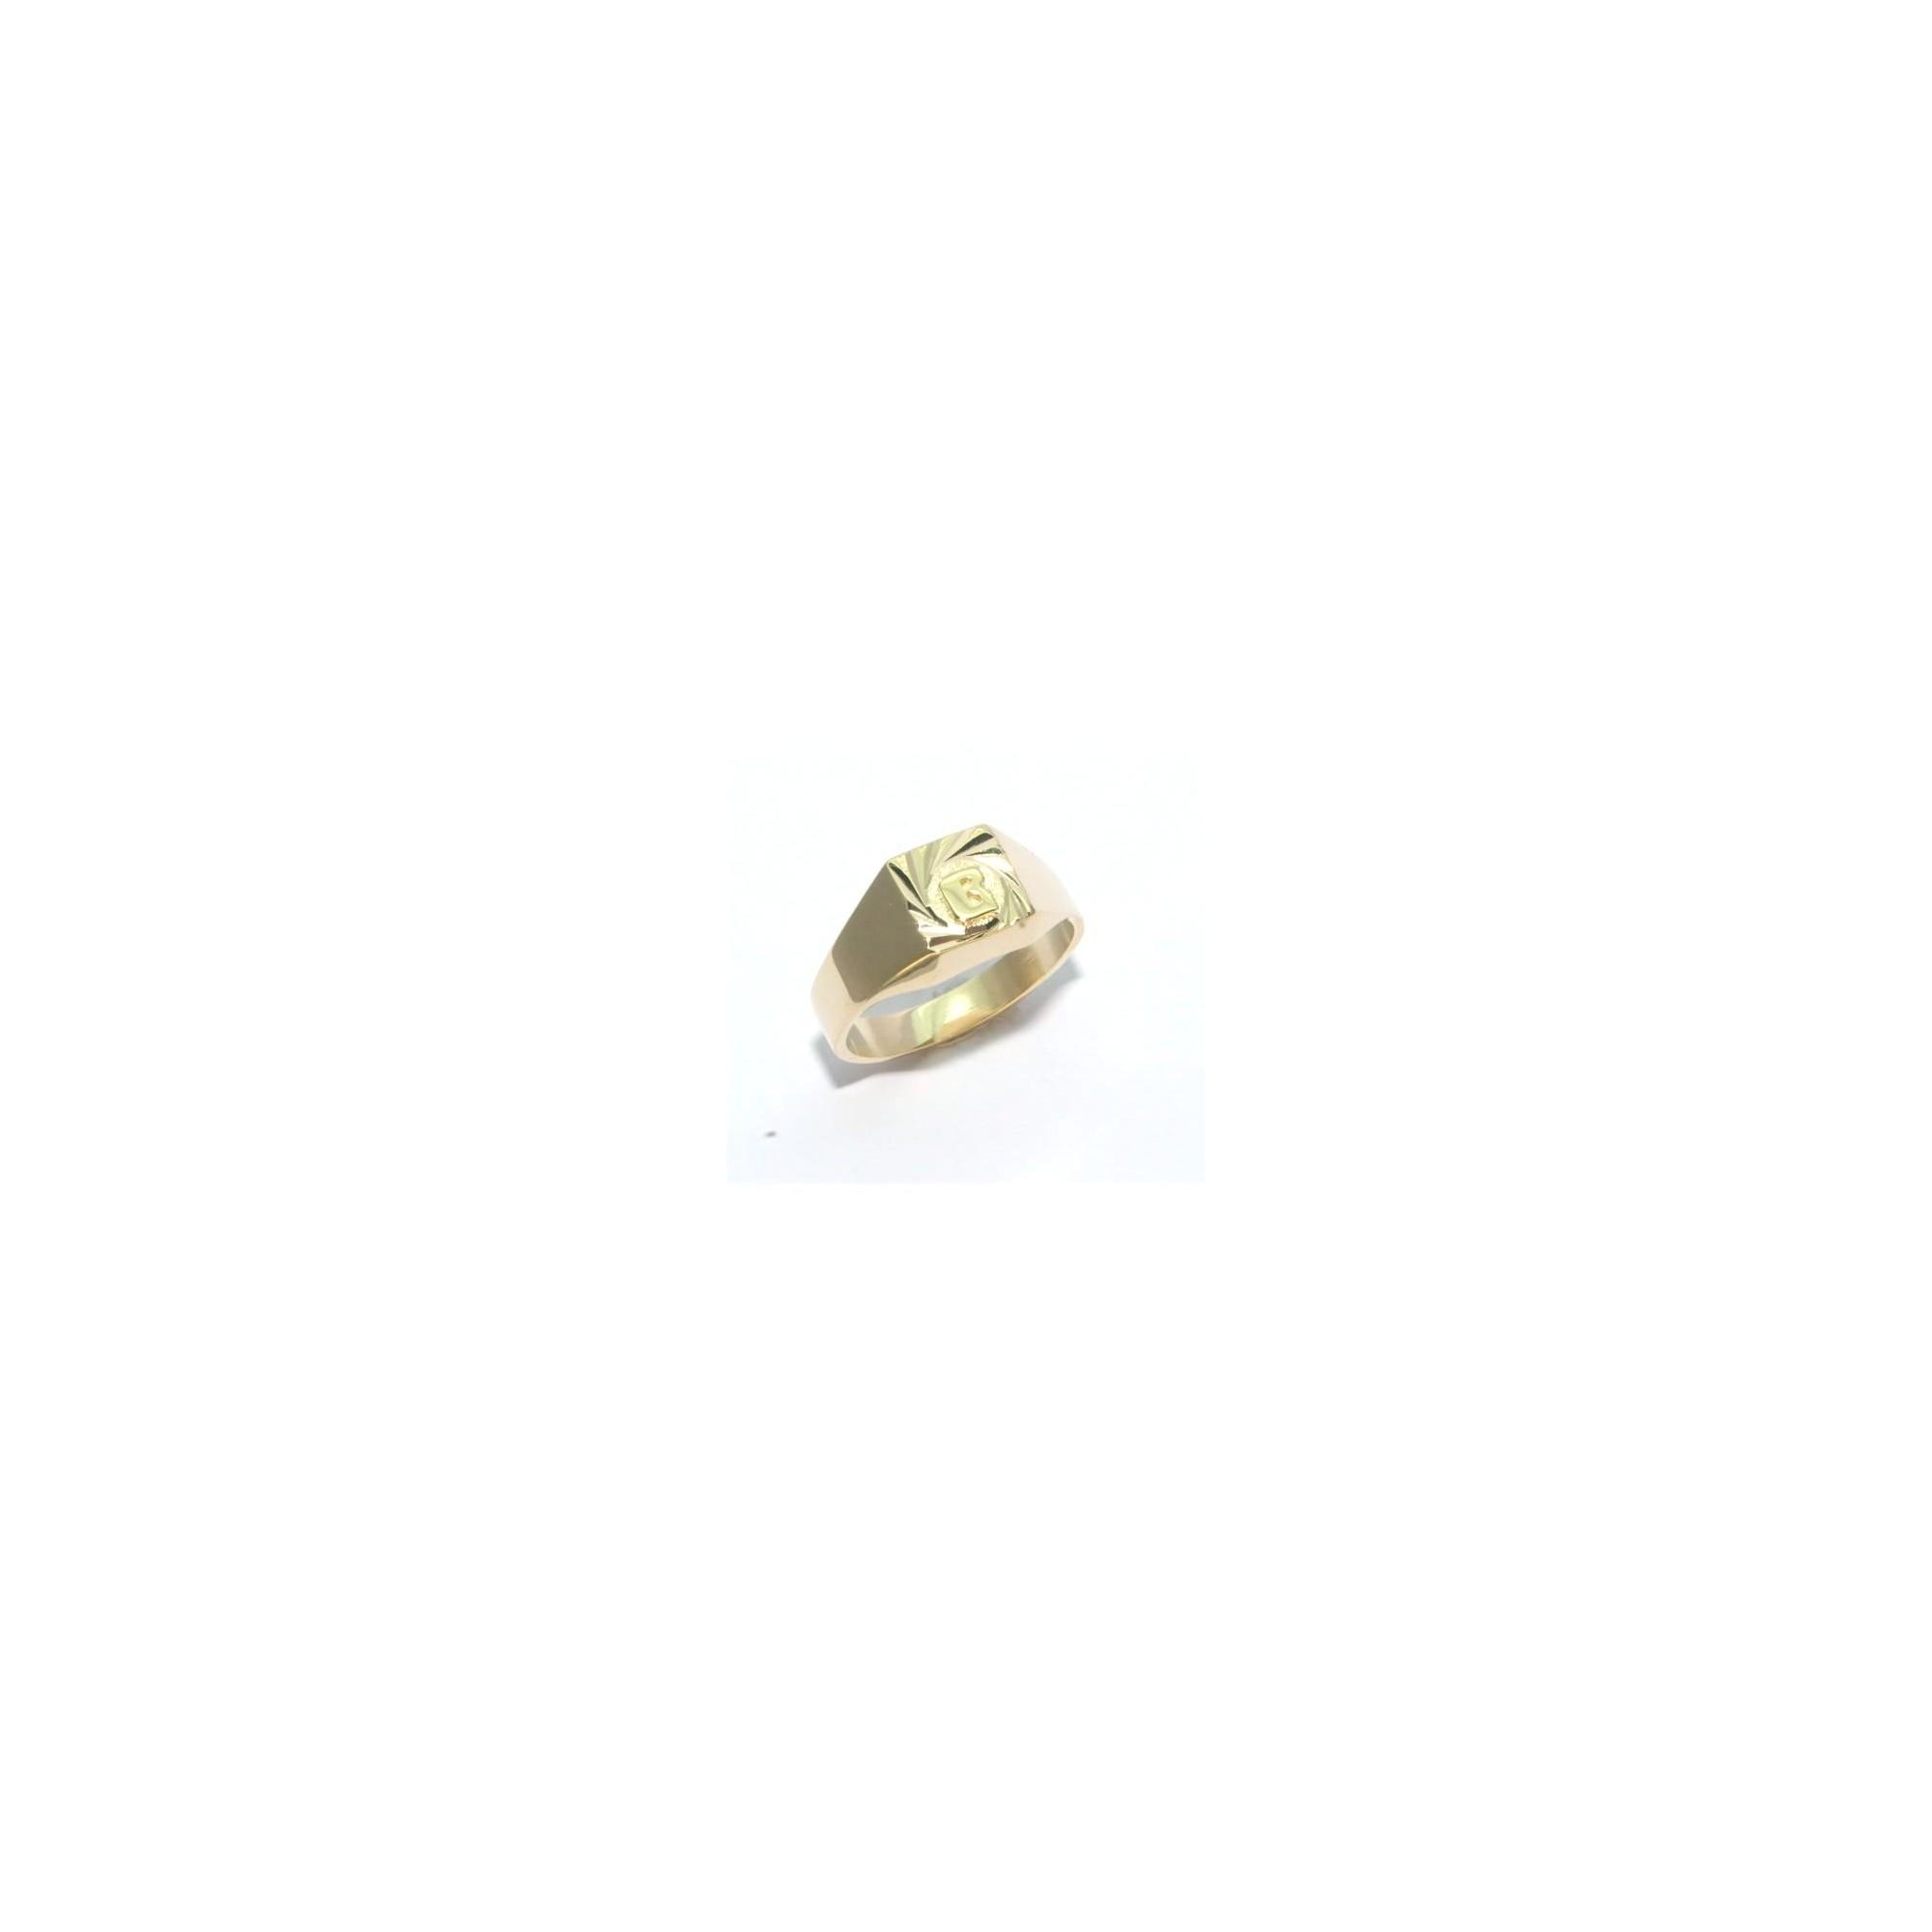 le dernier be0a0 5ec54 Chevalière plaqué or carrée lapidée avec une initiale